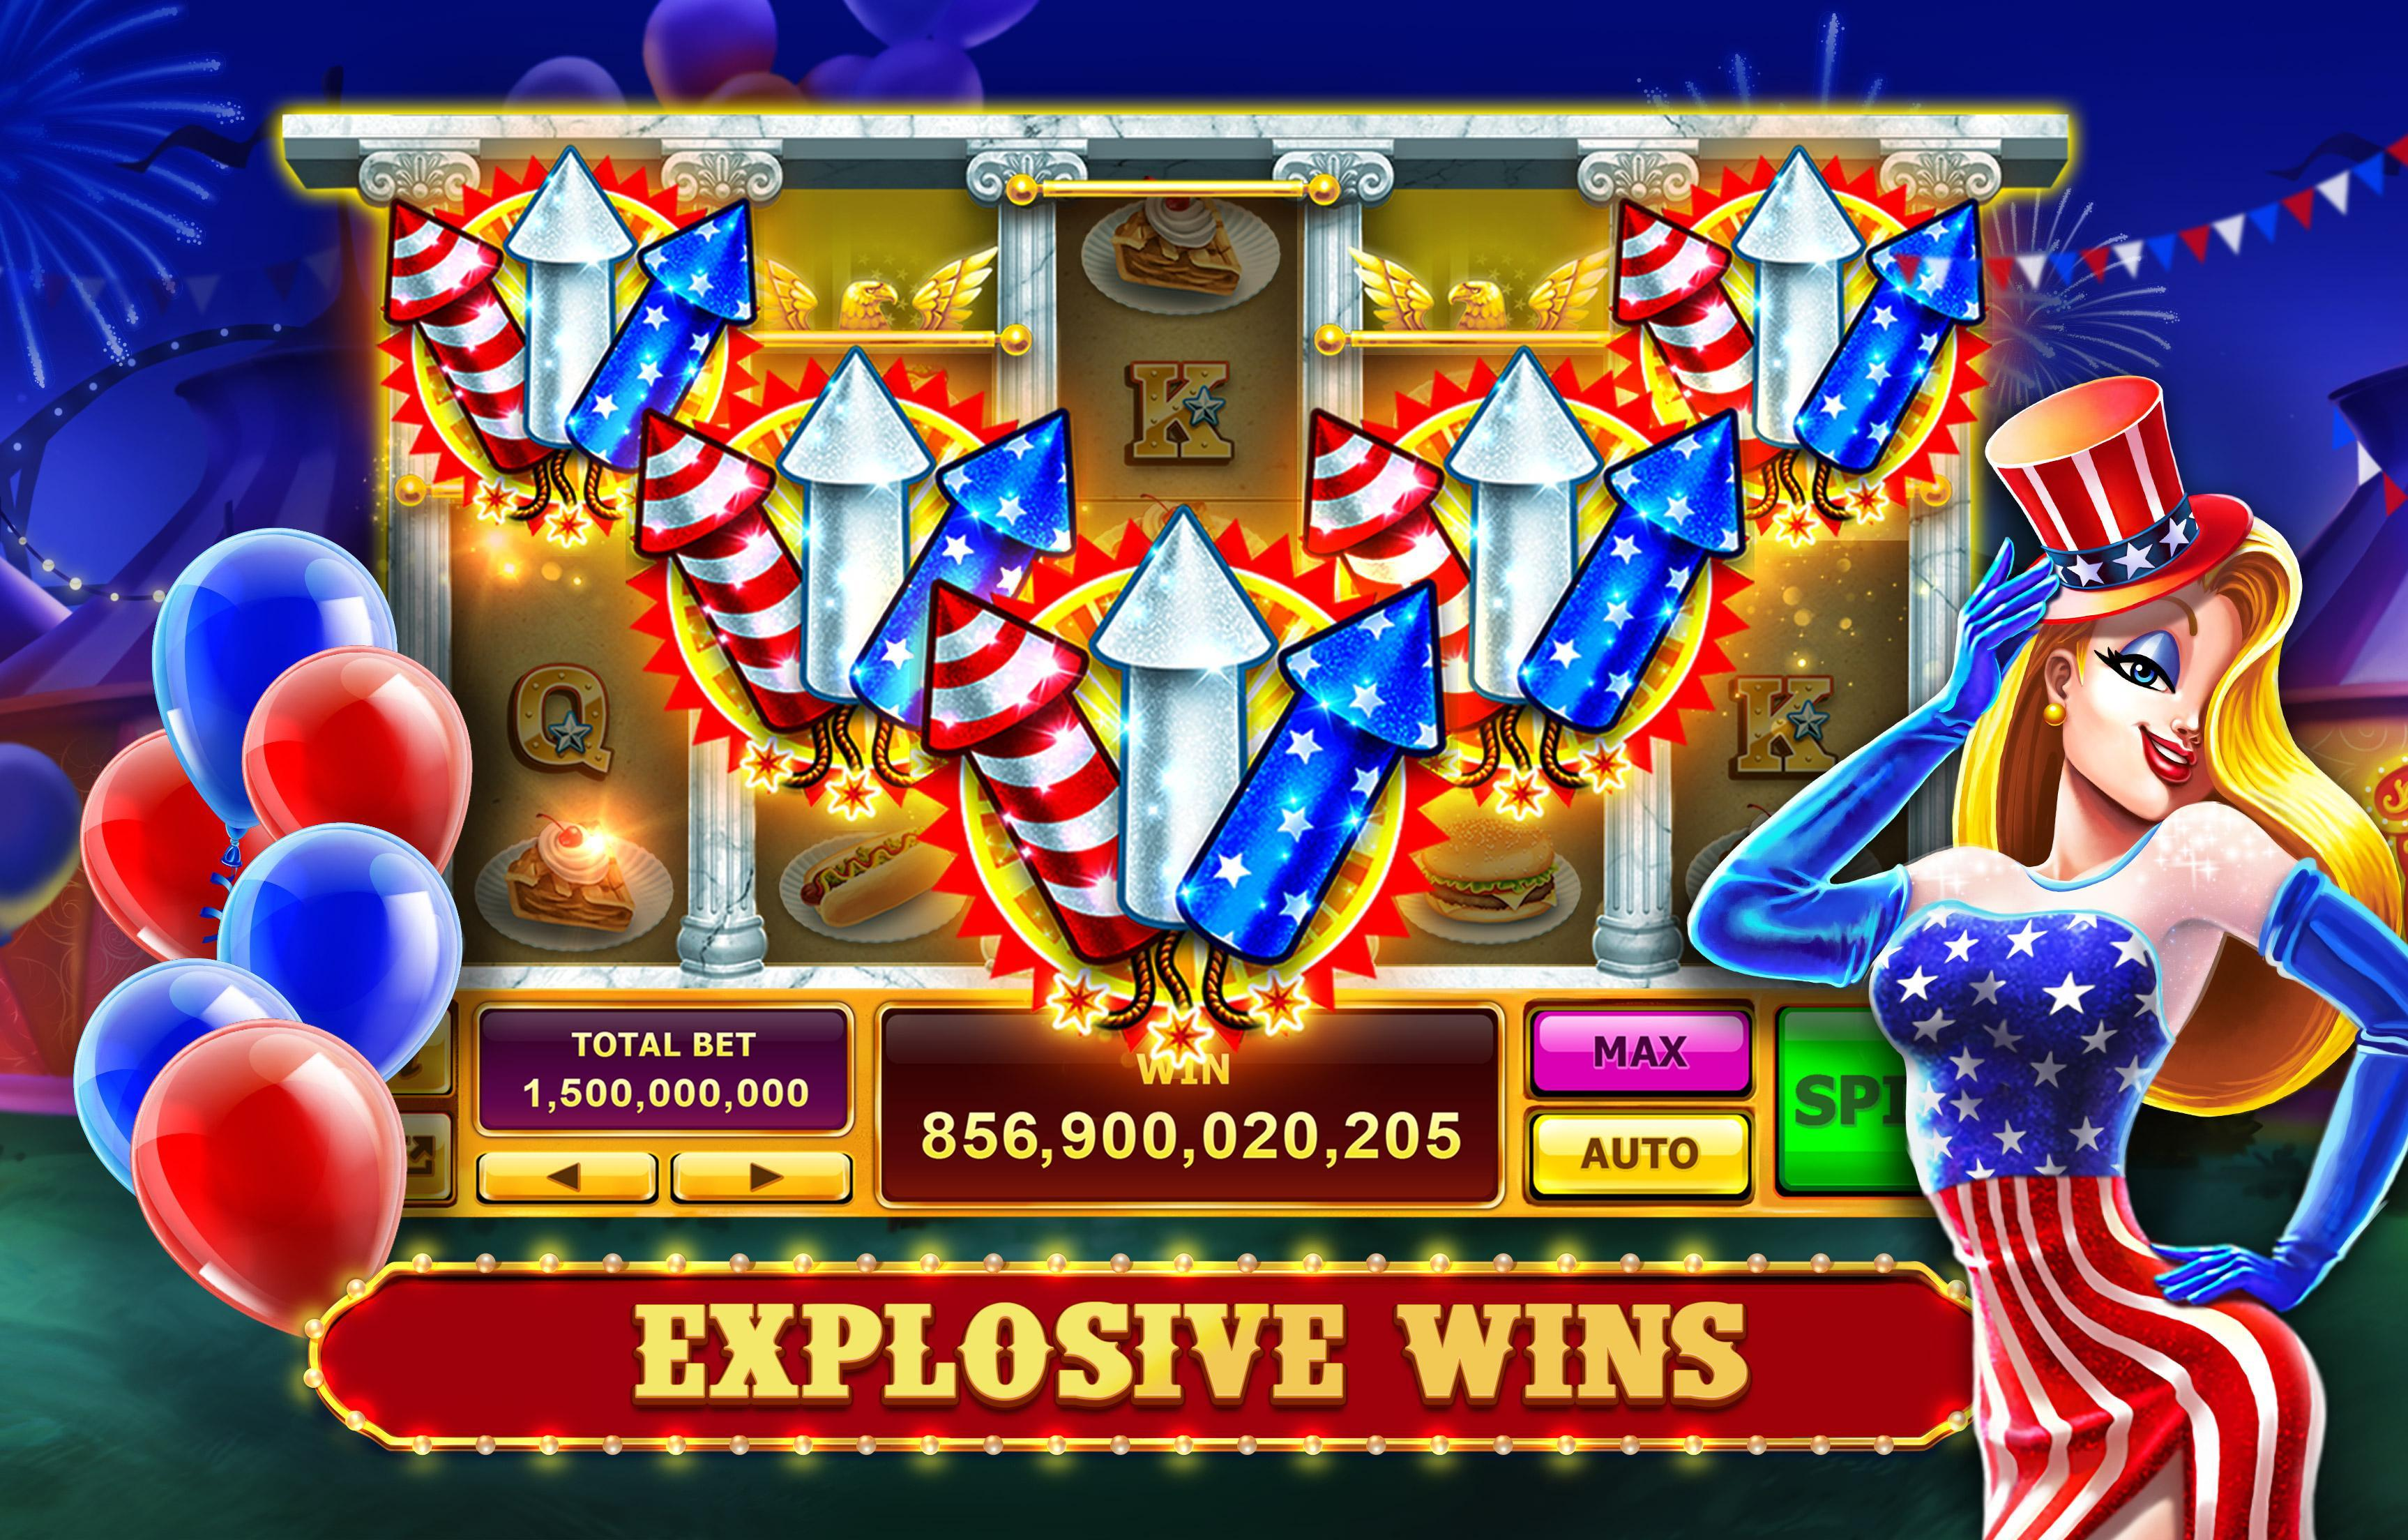 лучшие онлайн казино россии на рубли